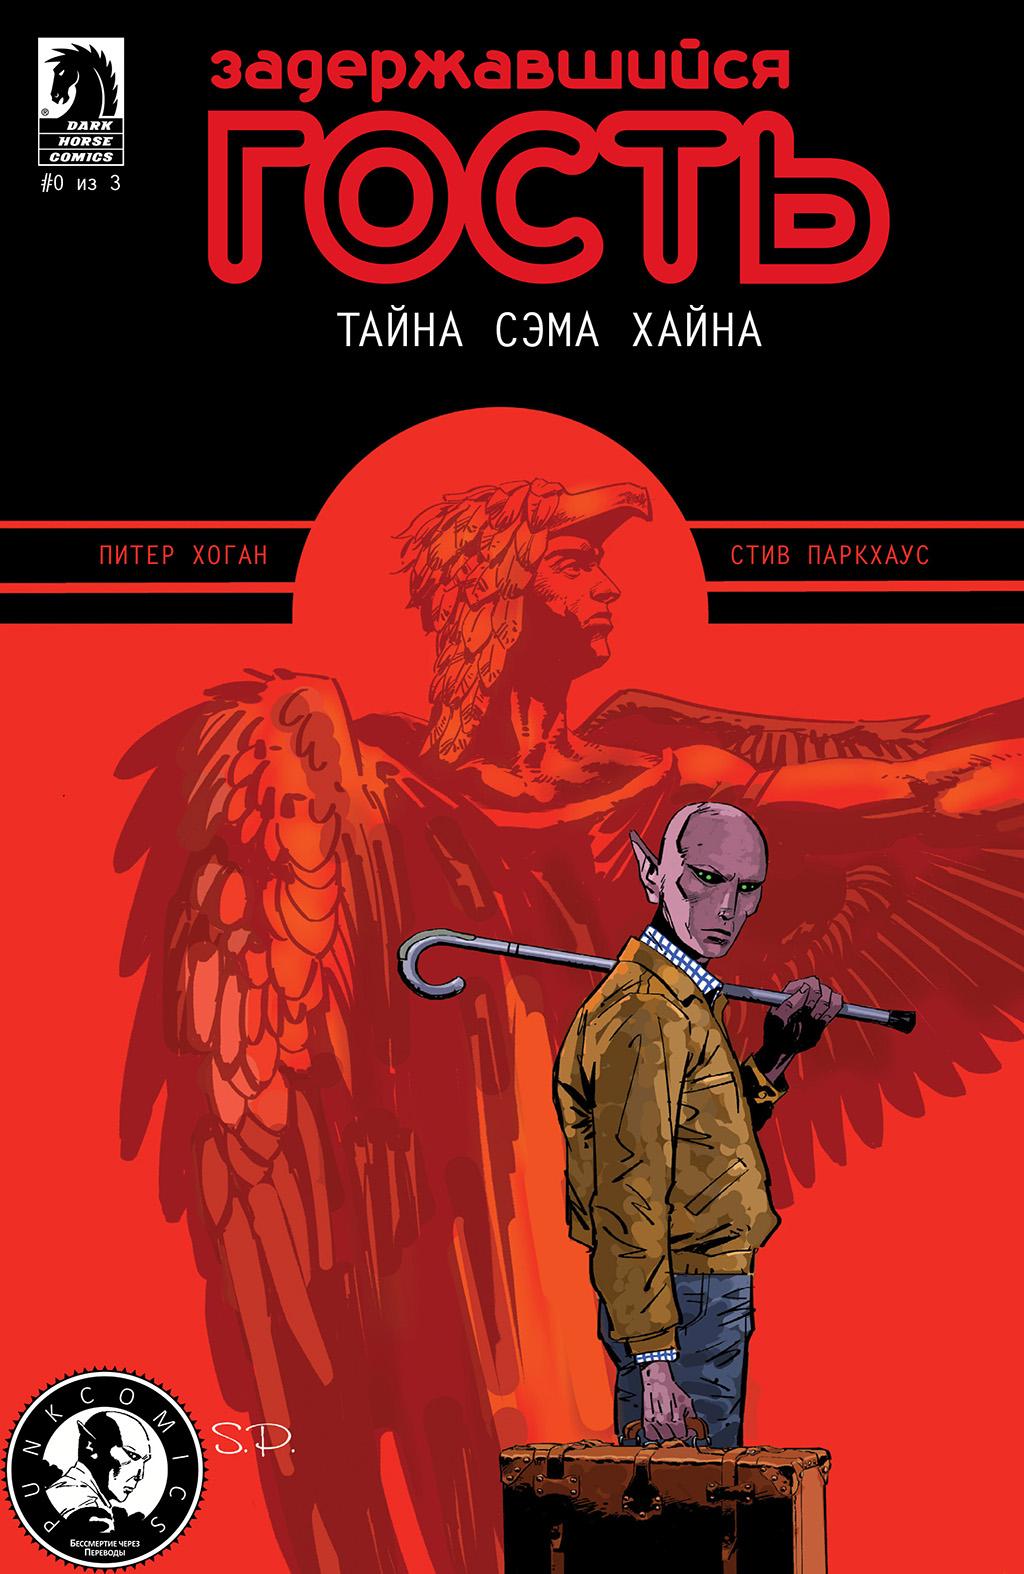 комикс Задержавшийся гость - Тайна Сэма Хайна